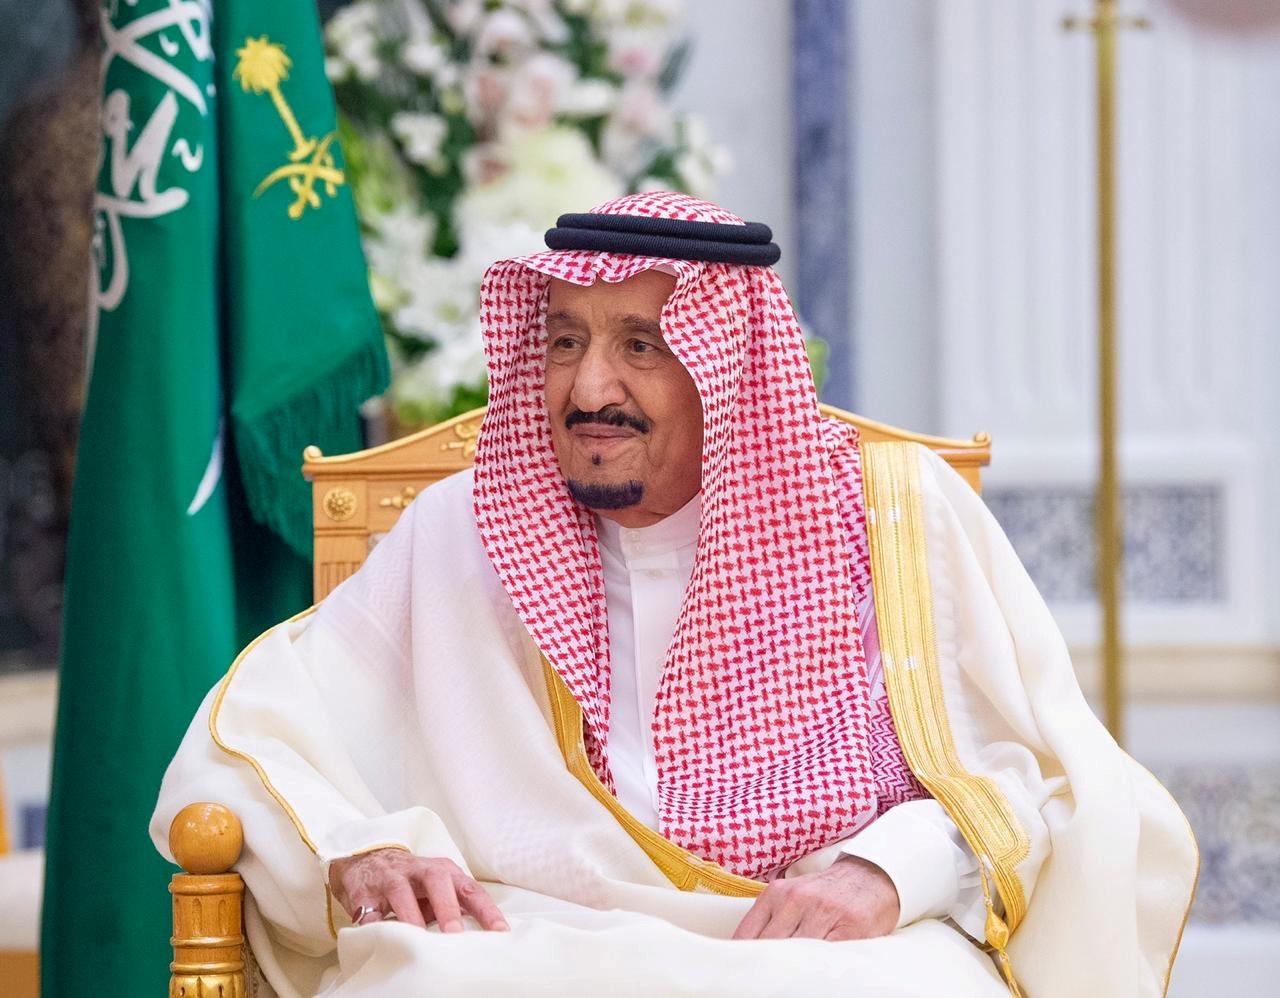 صورة 150 من العائلة الملكية مصابون بكورونا.. نيويورك تايمز: الملك سلمان وولي العهد يعزلان نفسيهما بجزيرة قرب جدة